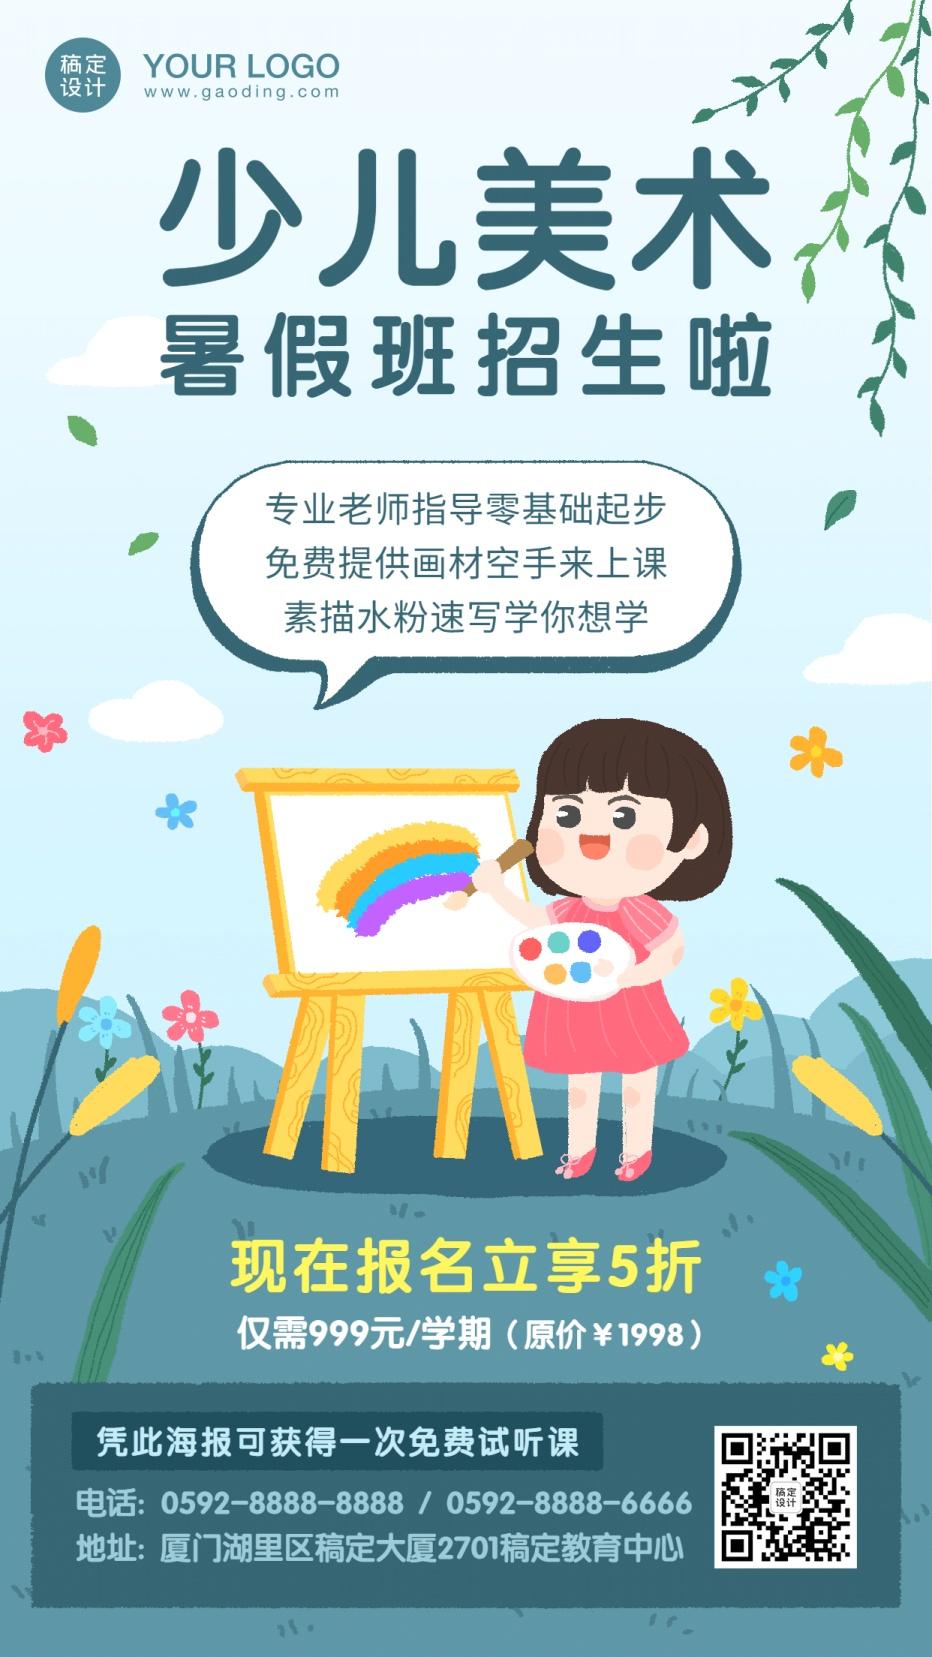 少儿美术培训暑假班招生促销海报